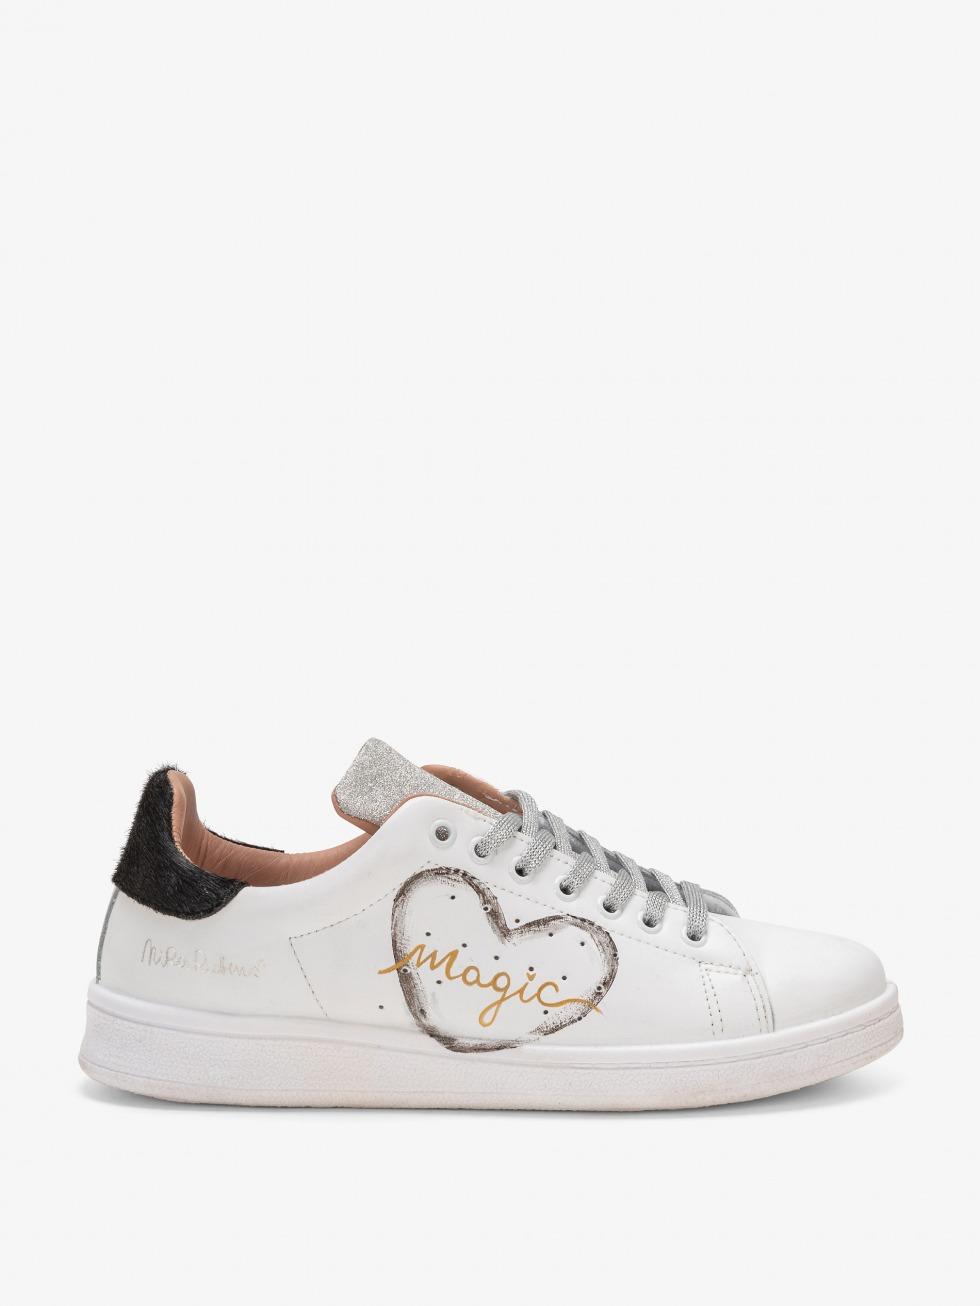 Sneakers Daiquiri Shine Black - Cuore